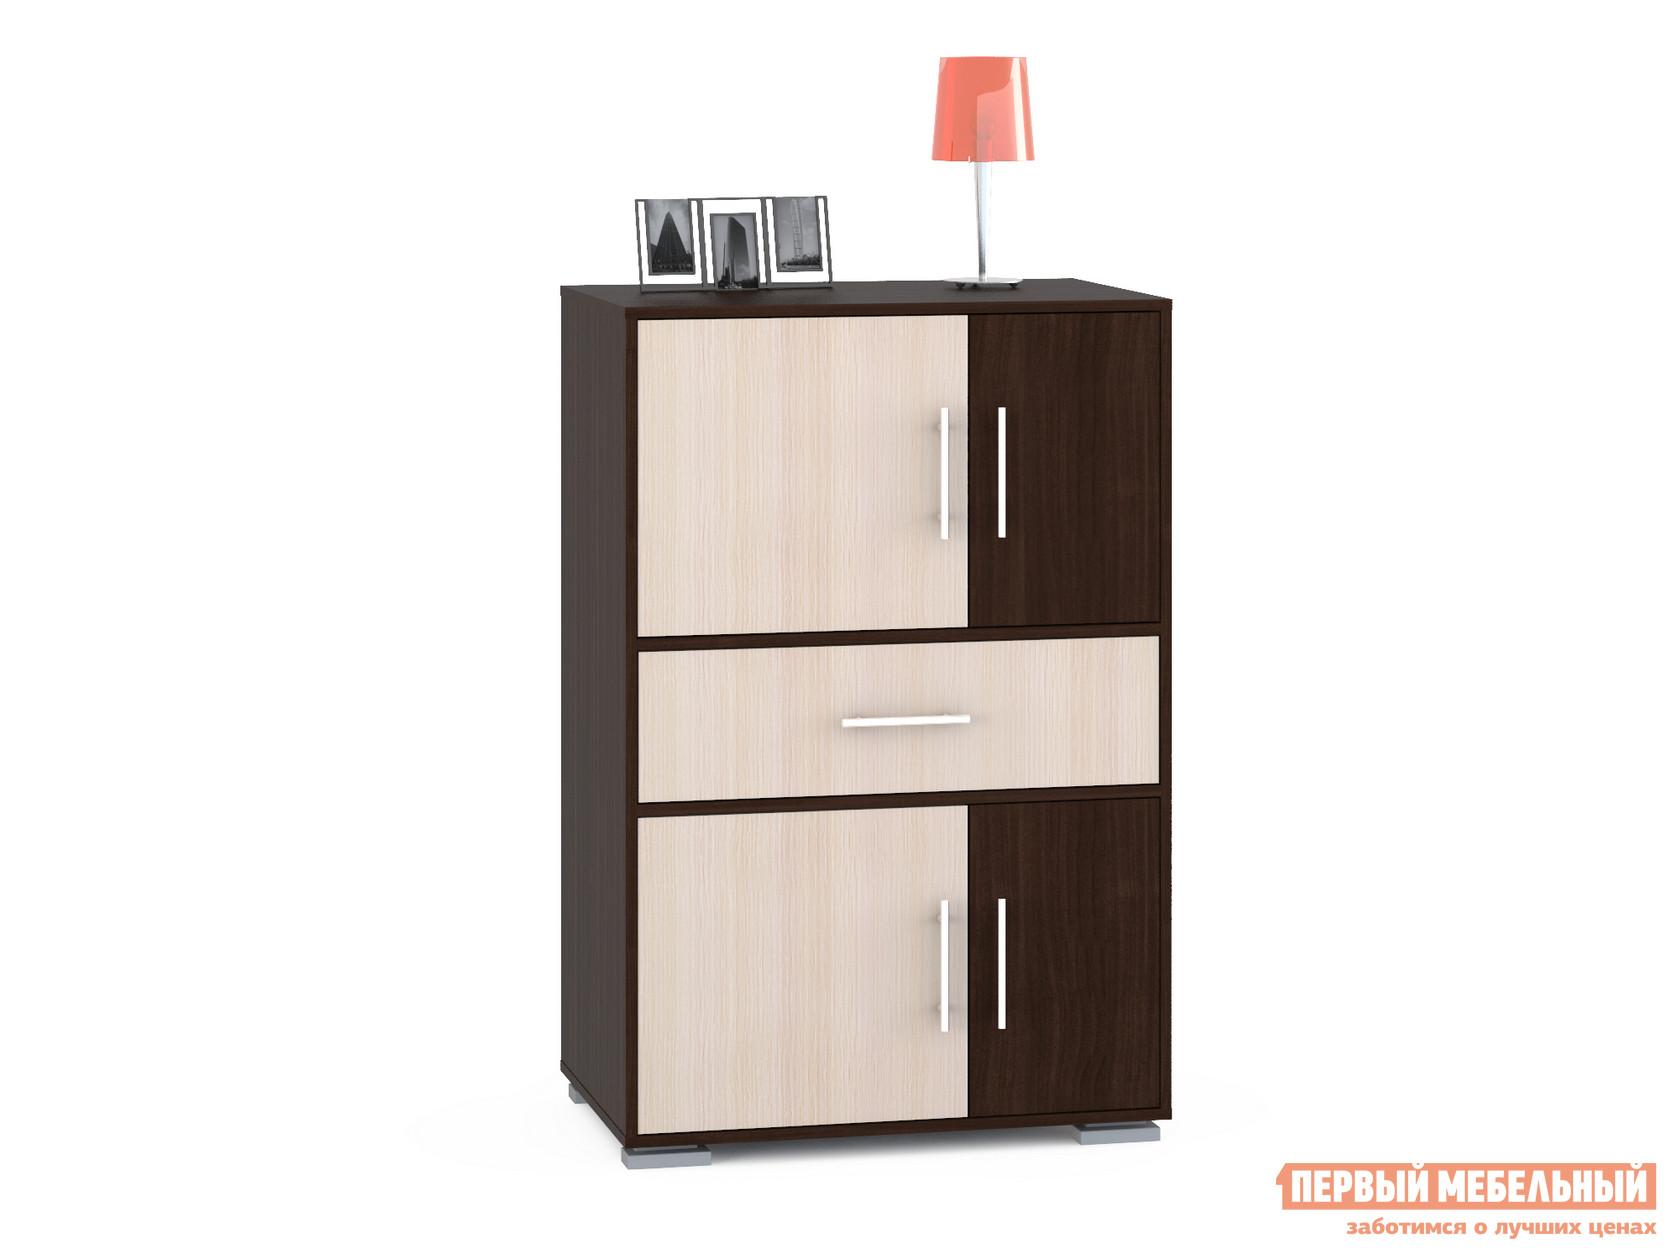 Комод Первый Мебельный Домино 7 К комод комод первый мебельный комод 3 амстердам